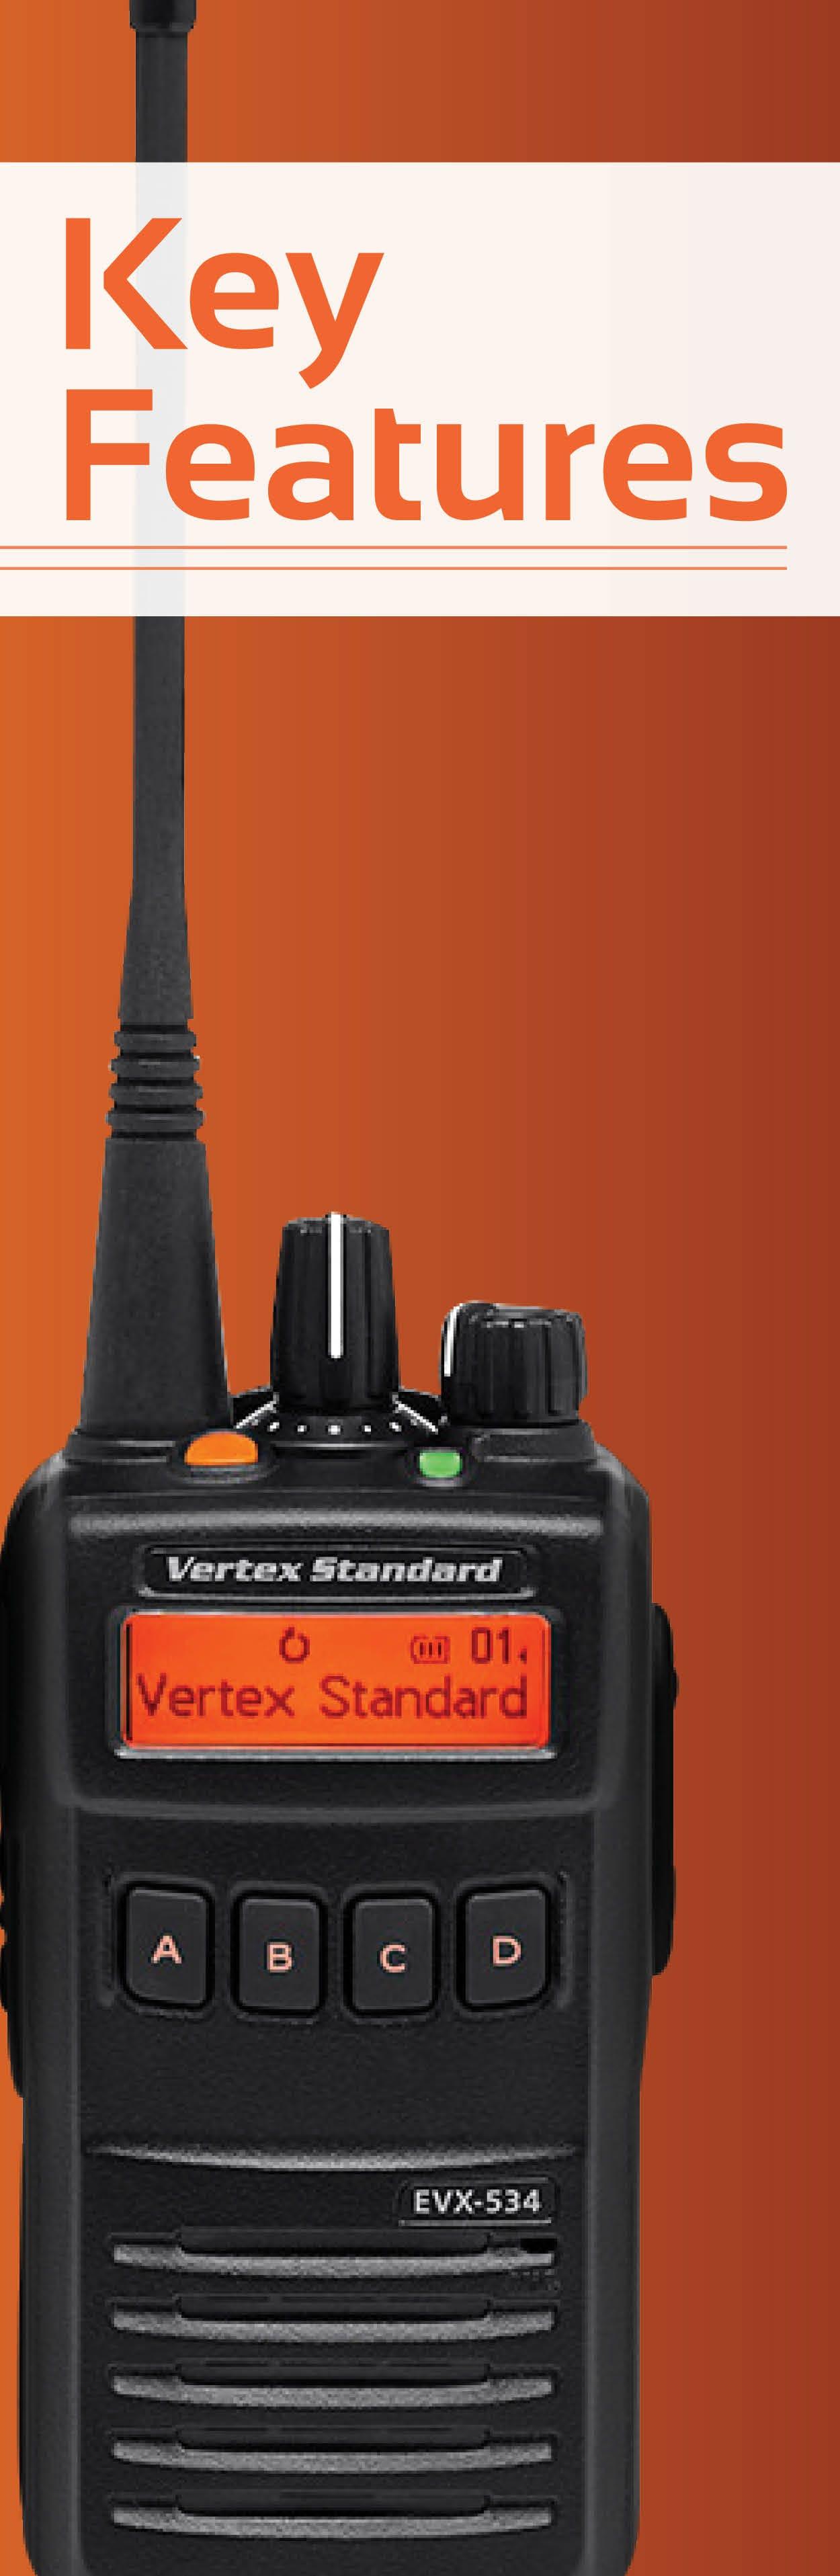 Vertex EVX-534 Features